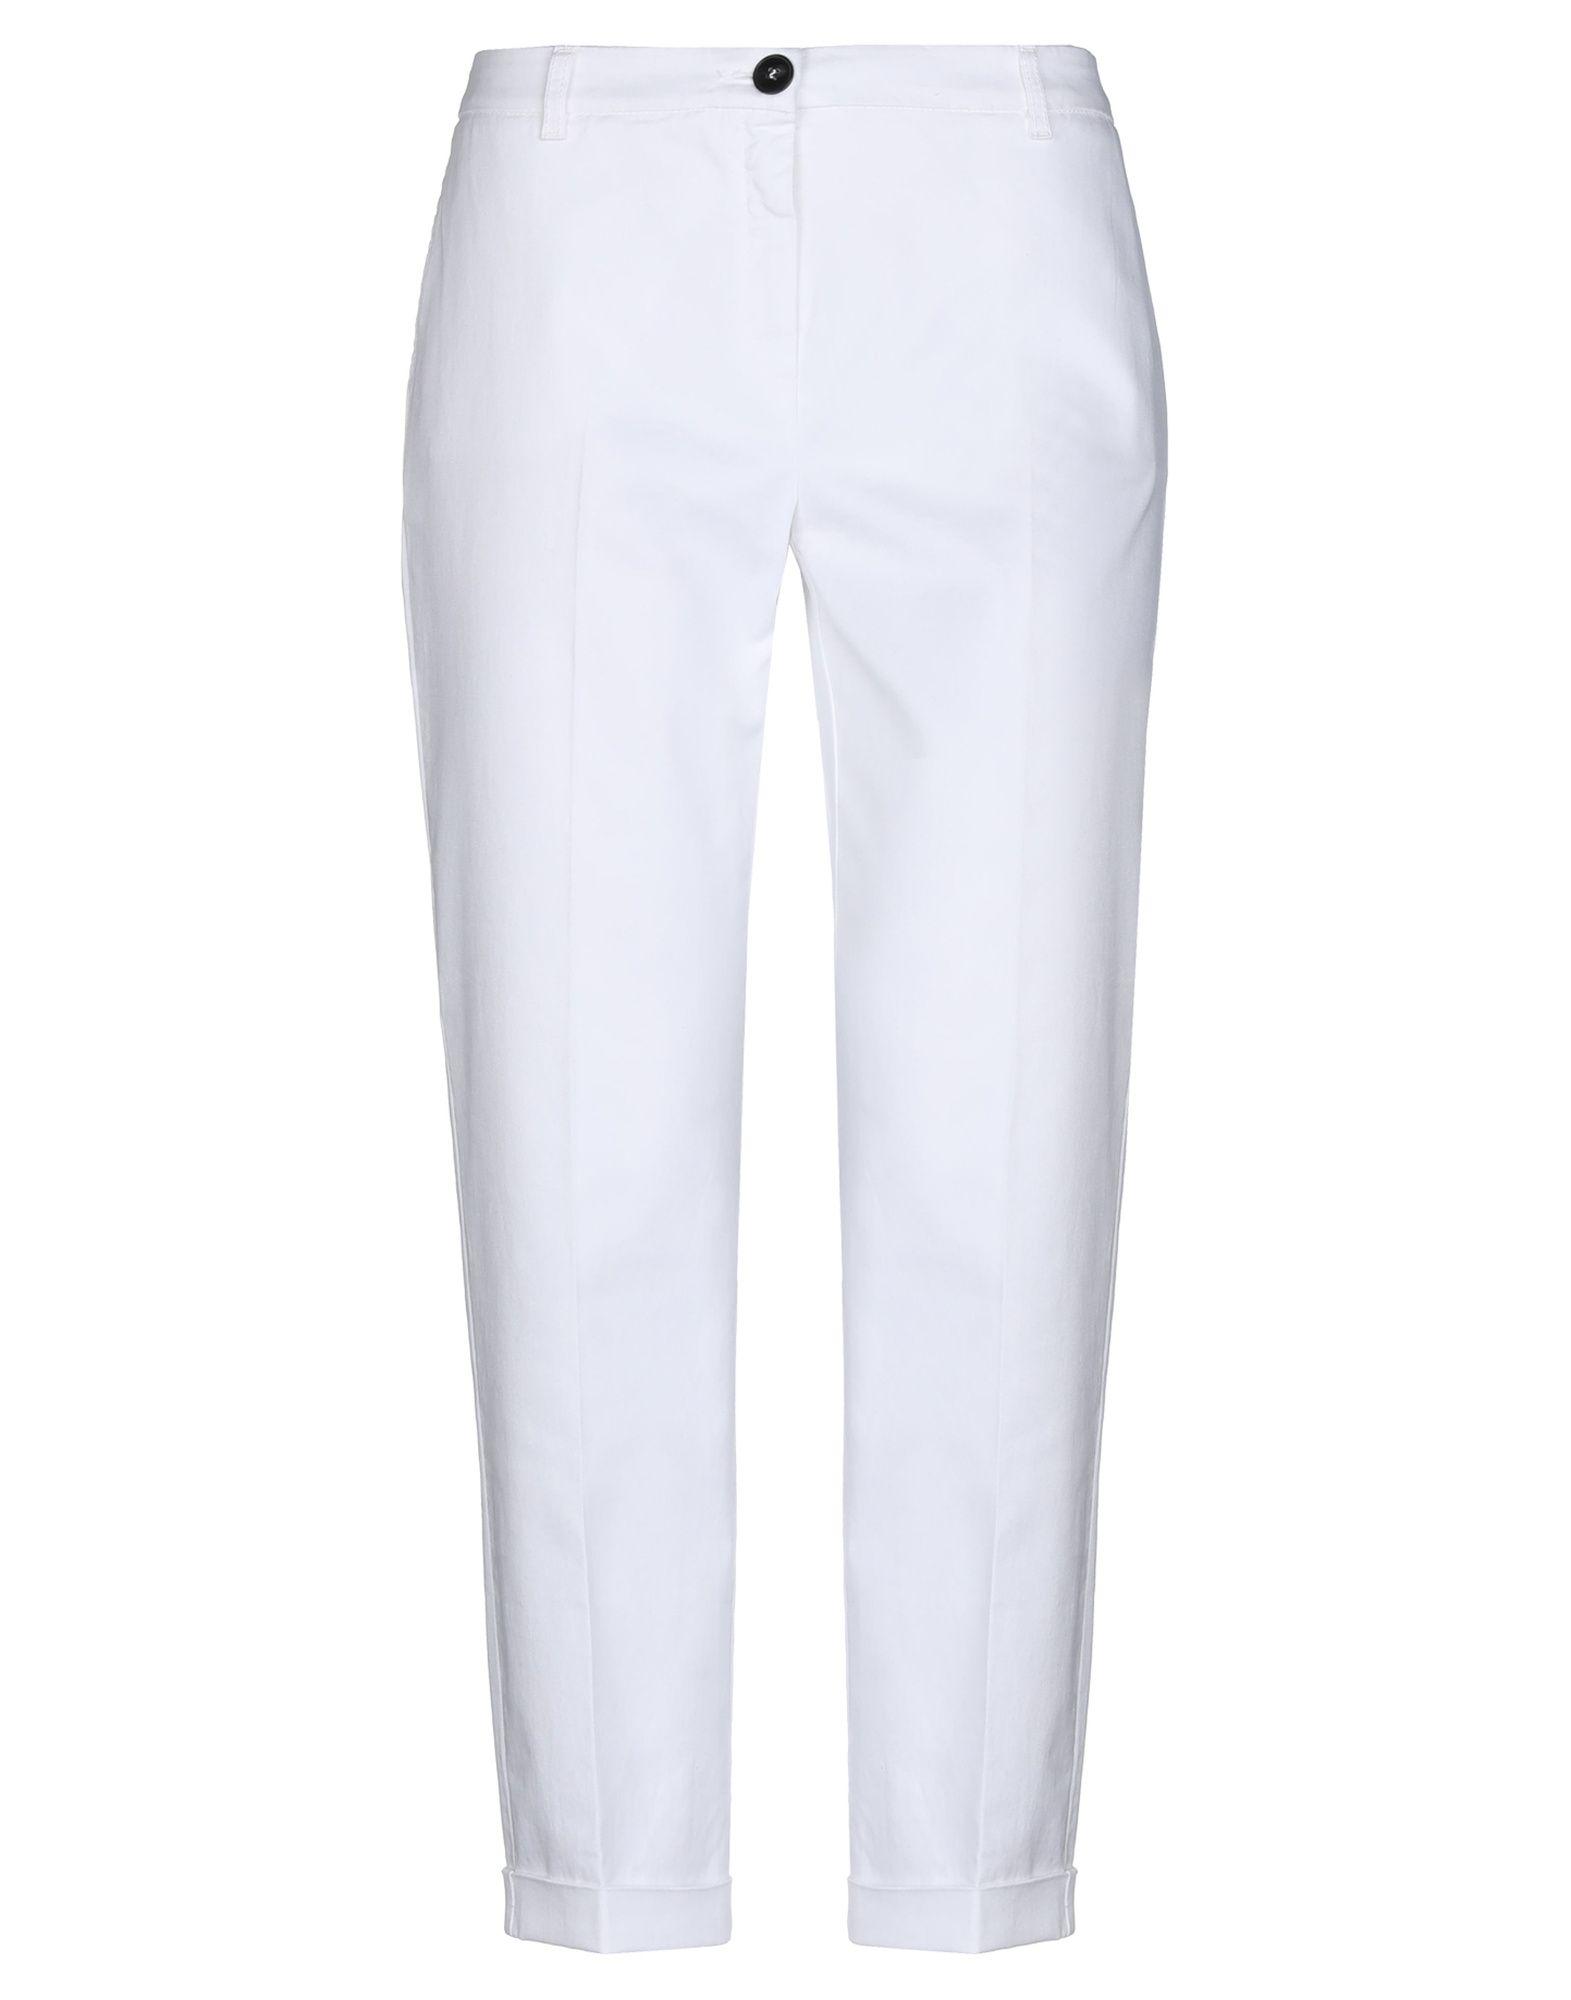 《セール開催中》EMME by MARELLA レディース パンツ ホワイト 46 コットン 98% / ポリウレタン 2%